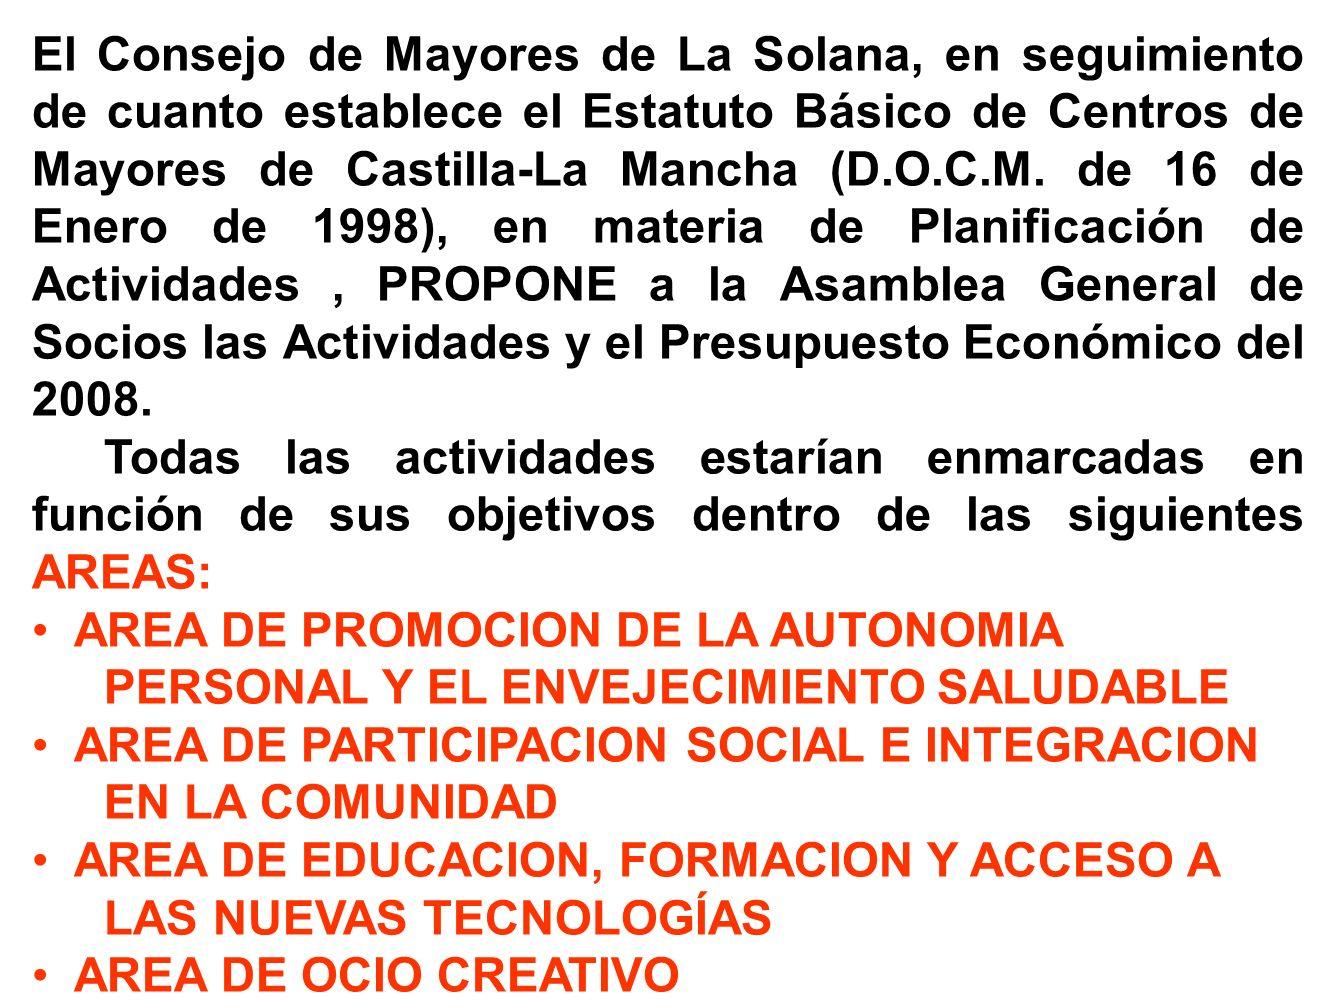 El Consejo de Mayores de La Solana, en seguimiento de cuanto establece el Estatuto Básico de Centros de Mayores de Castilla-La Mancha (D.O.C.M. de 16 de Enero de 1998), en materia de Planificación de Actividades , PROPONE a la Asamblea General de Socios las Actividades y el Presupuesto Económico del 2008.